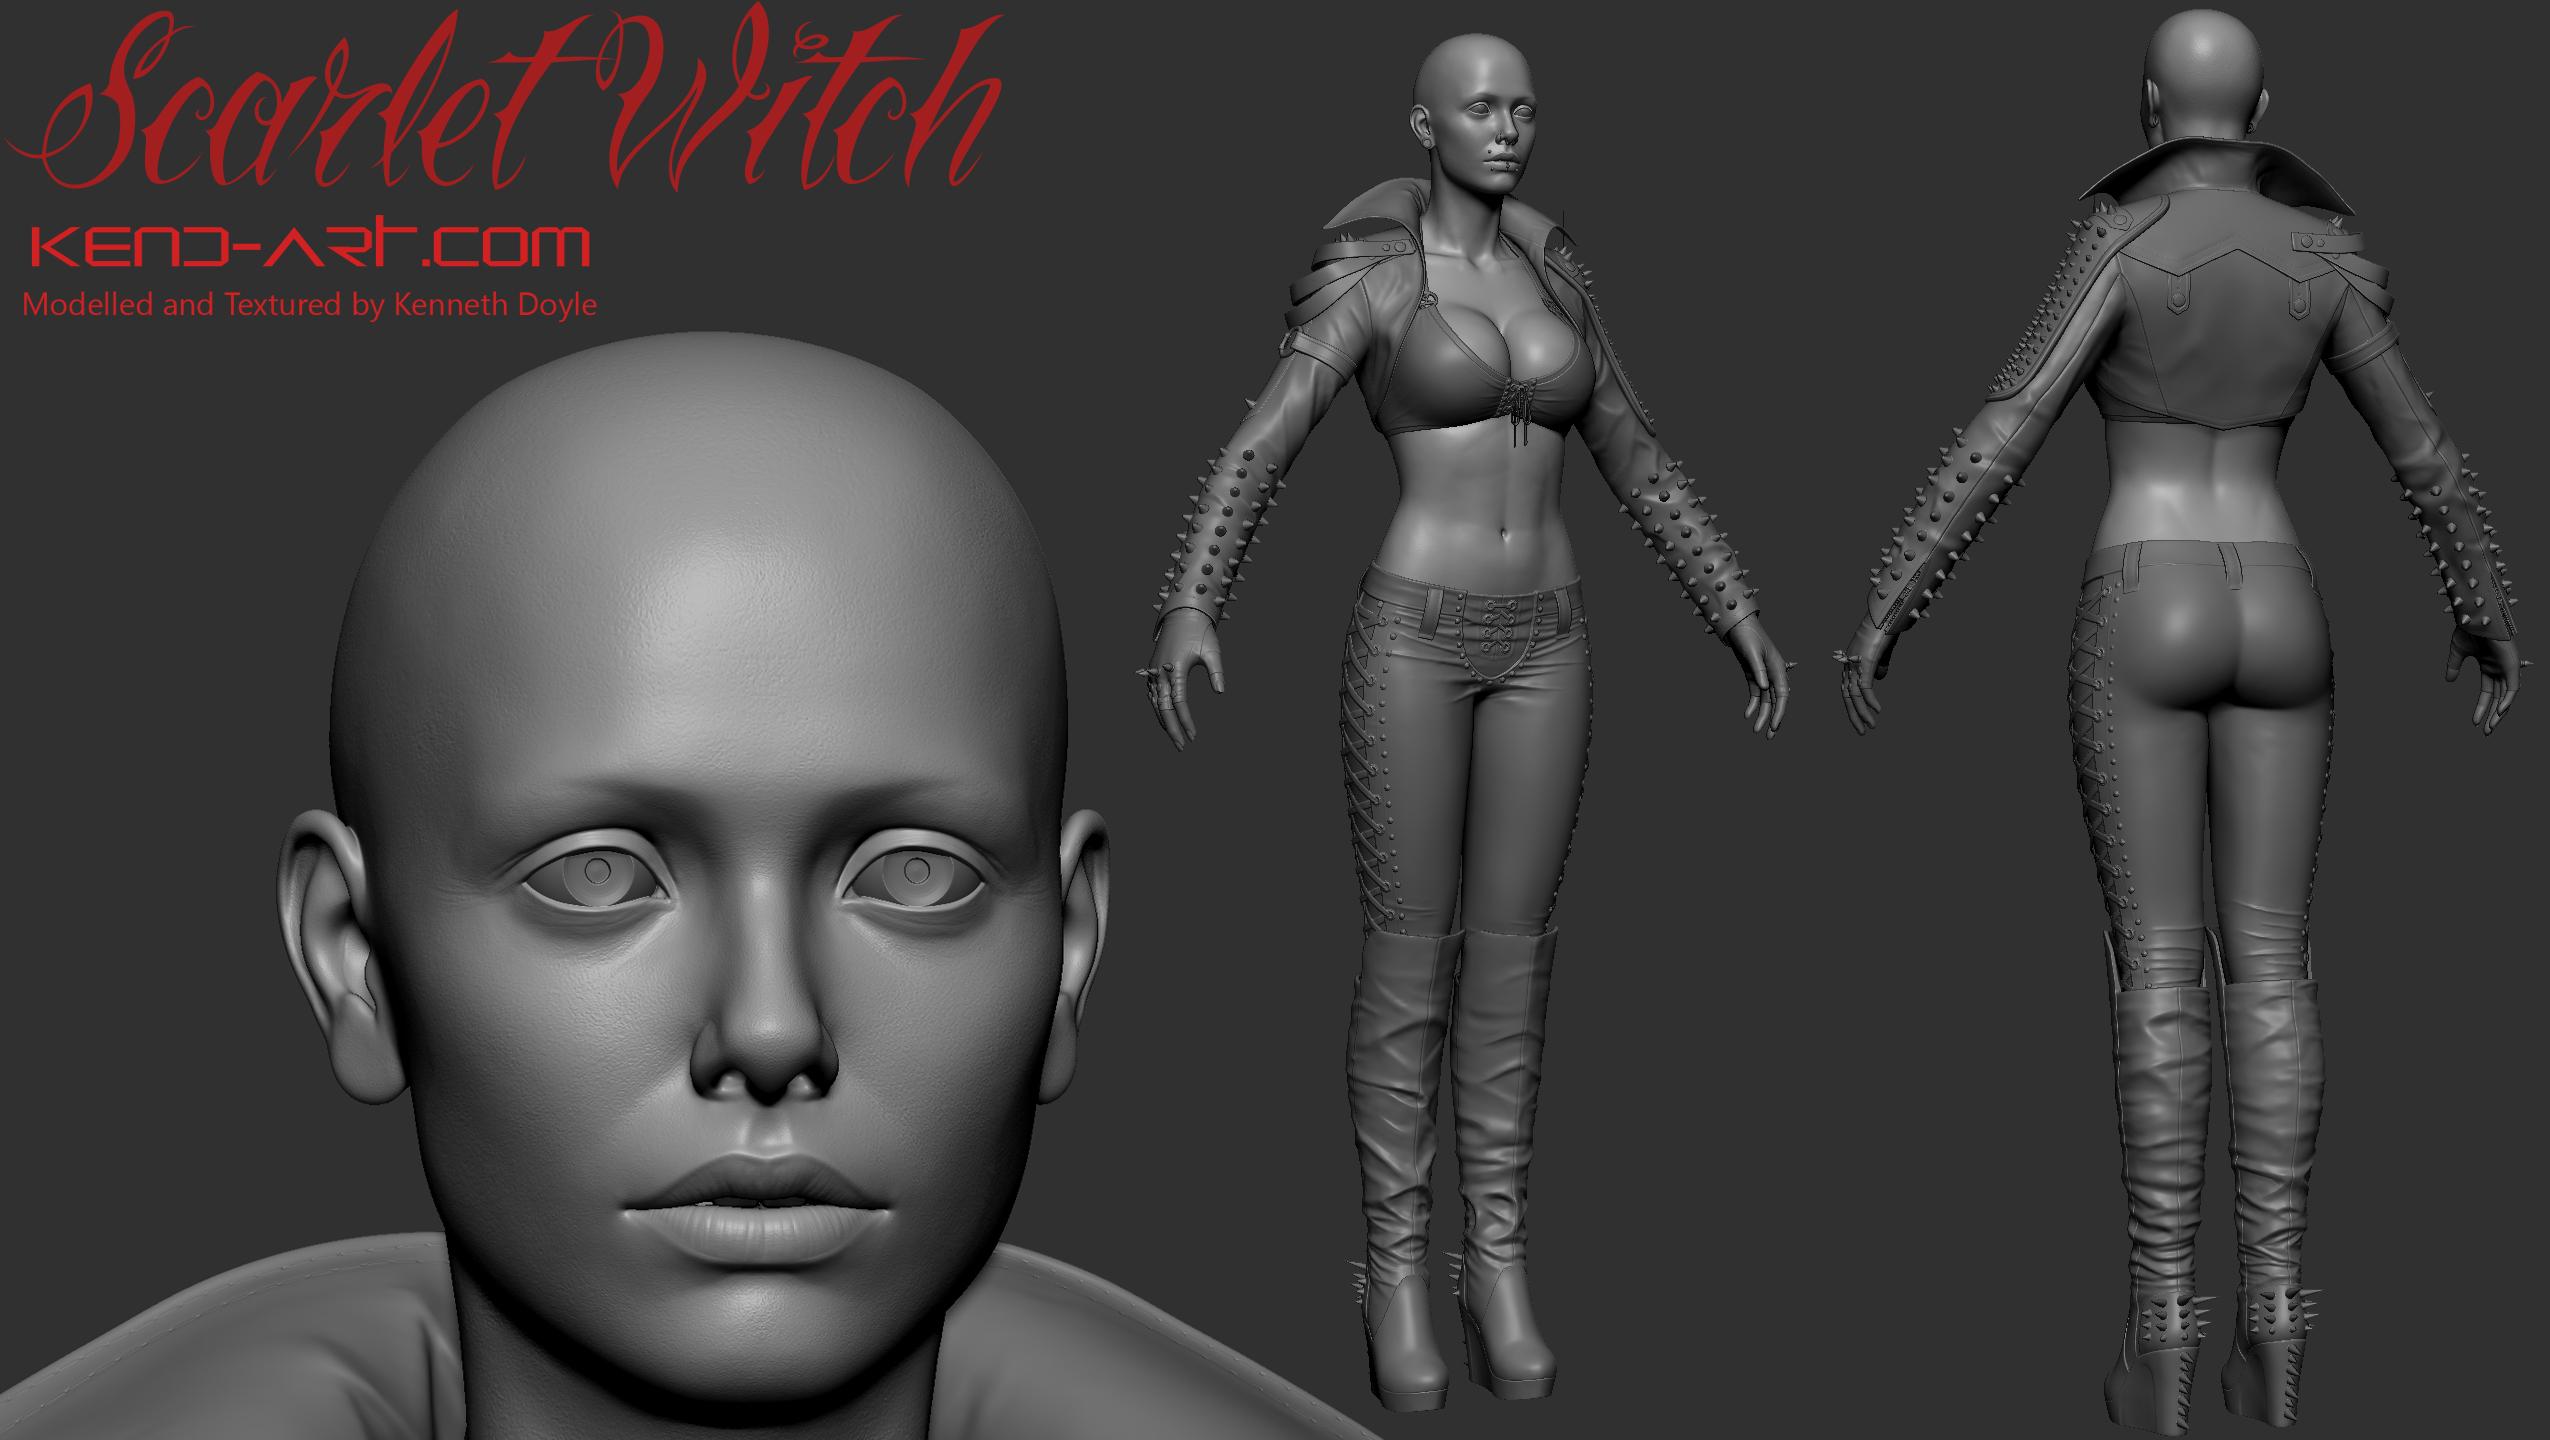 scarlet_witch_zbrush_by_kdoyle9-d953ce4.jpg